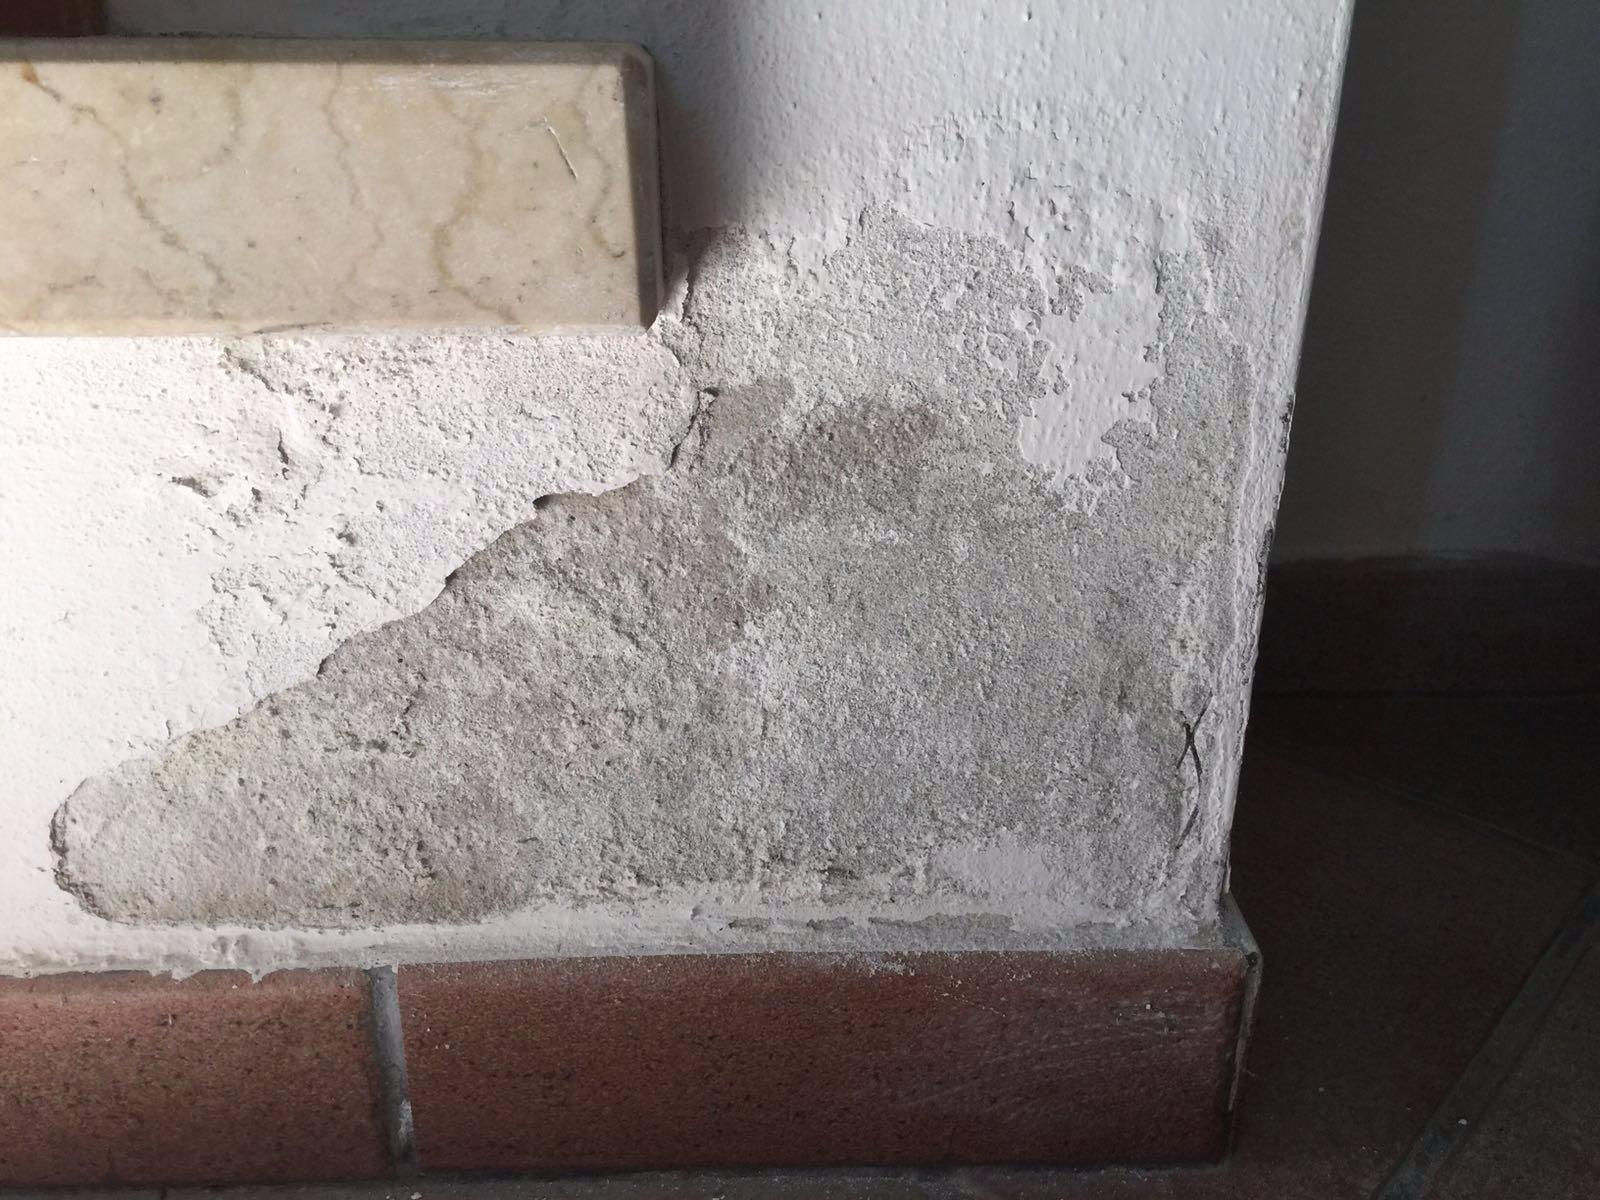 umidità risalita soluzione definitiva muri umidi muri bagnati